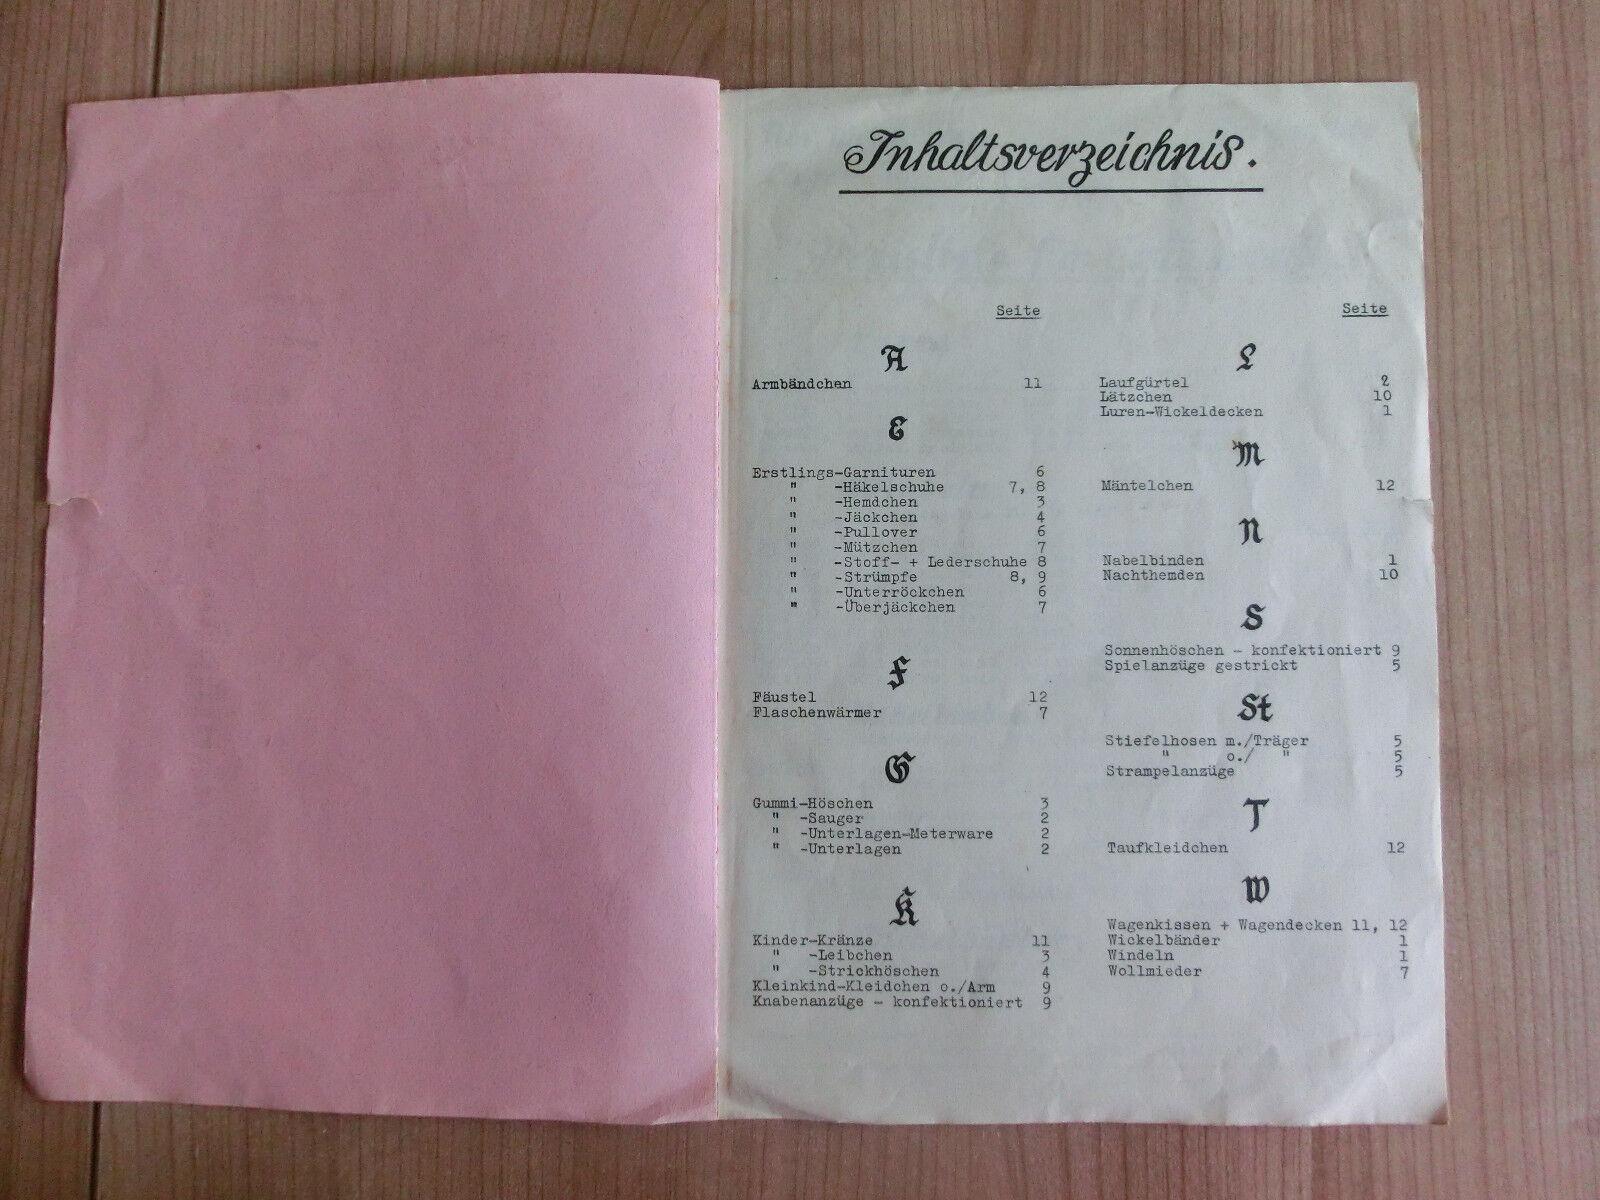 Katalog Erstlingsartikel Hamburg DEV 1939 Baby Ausstattung Gummi Höschen Sauger